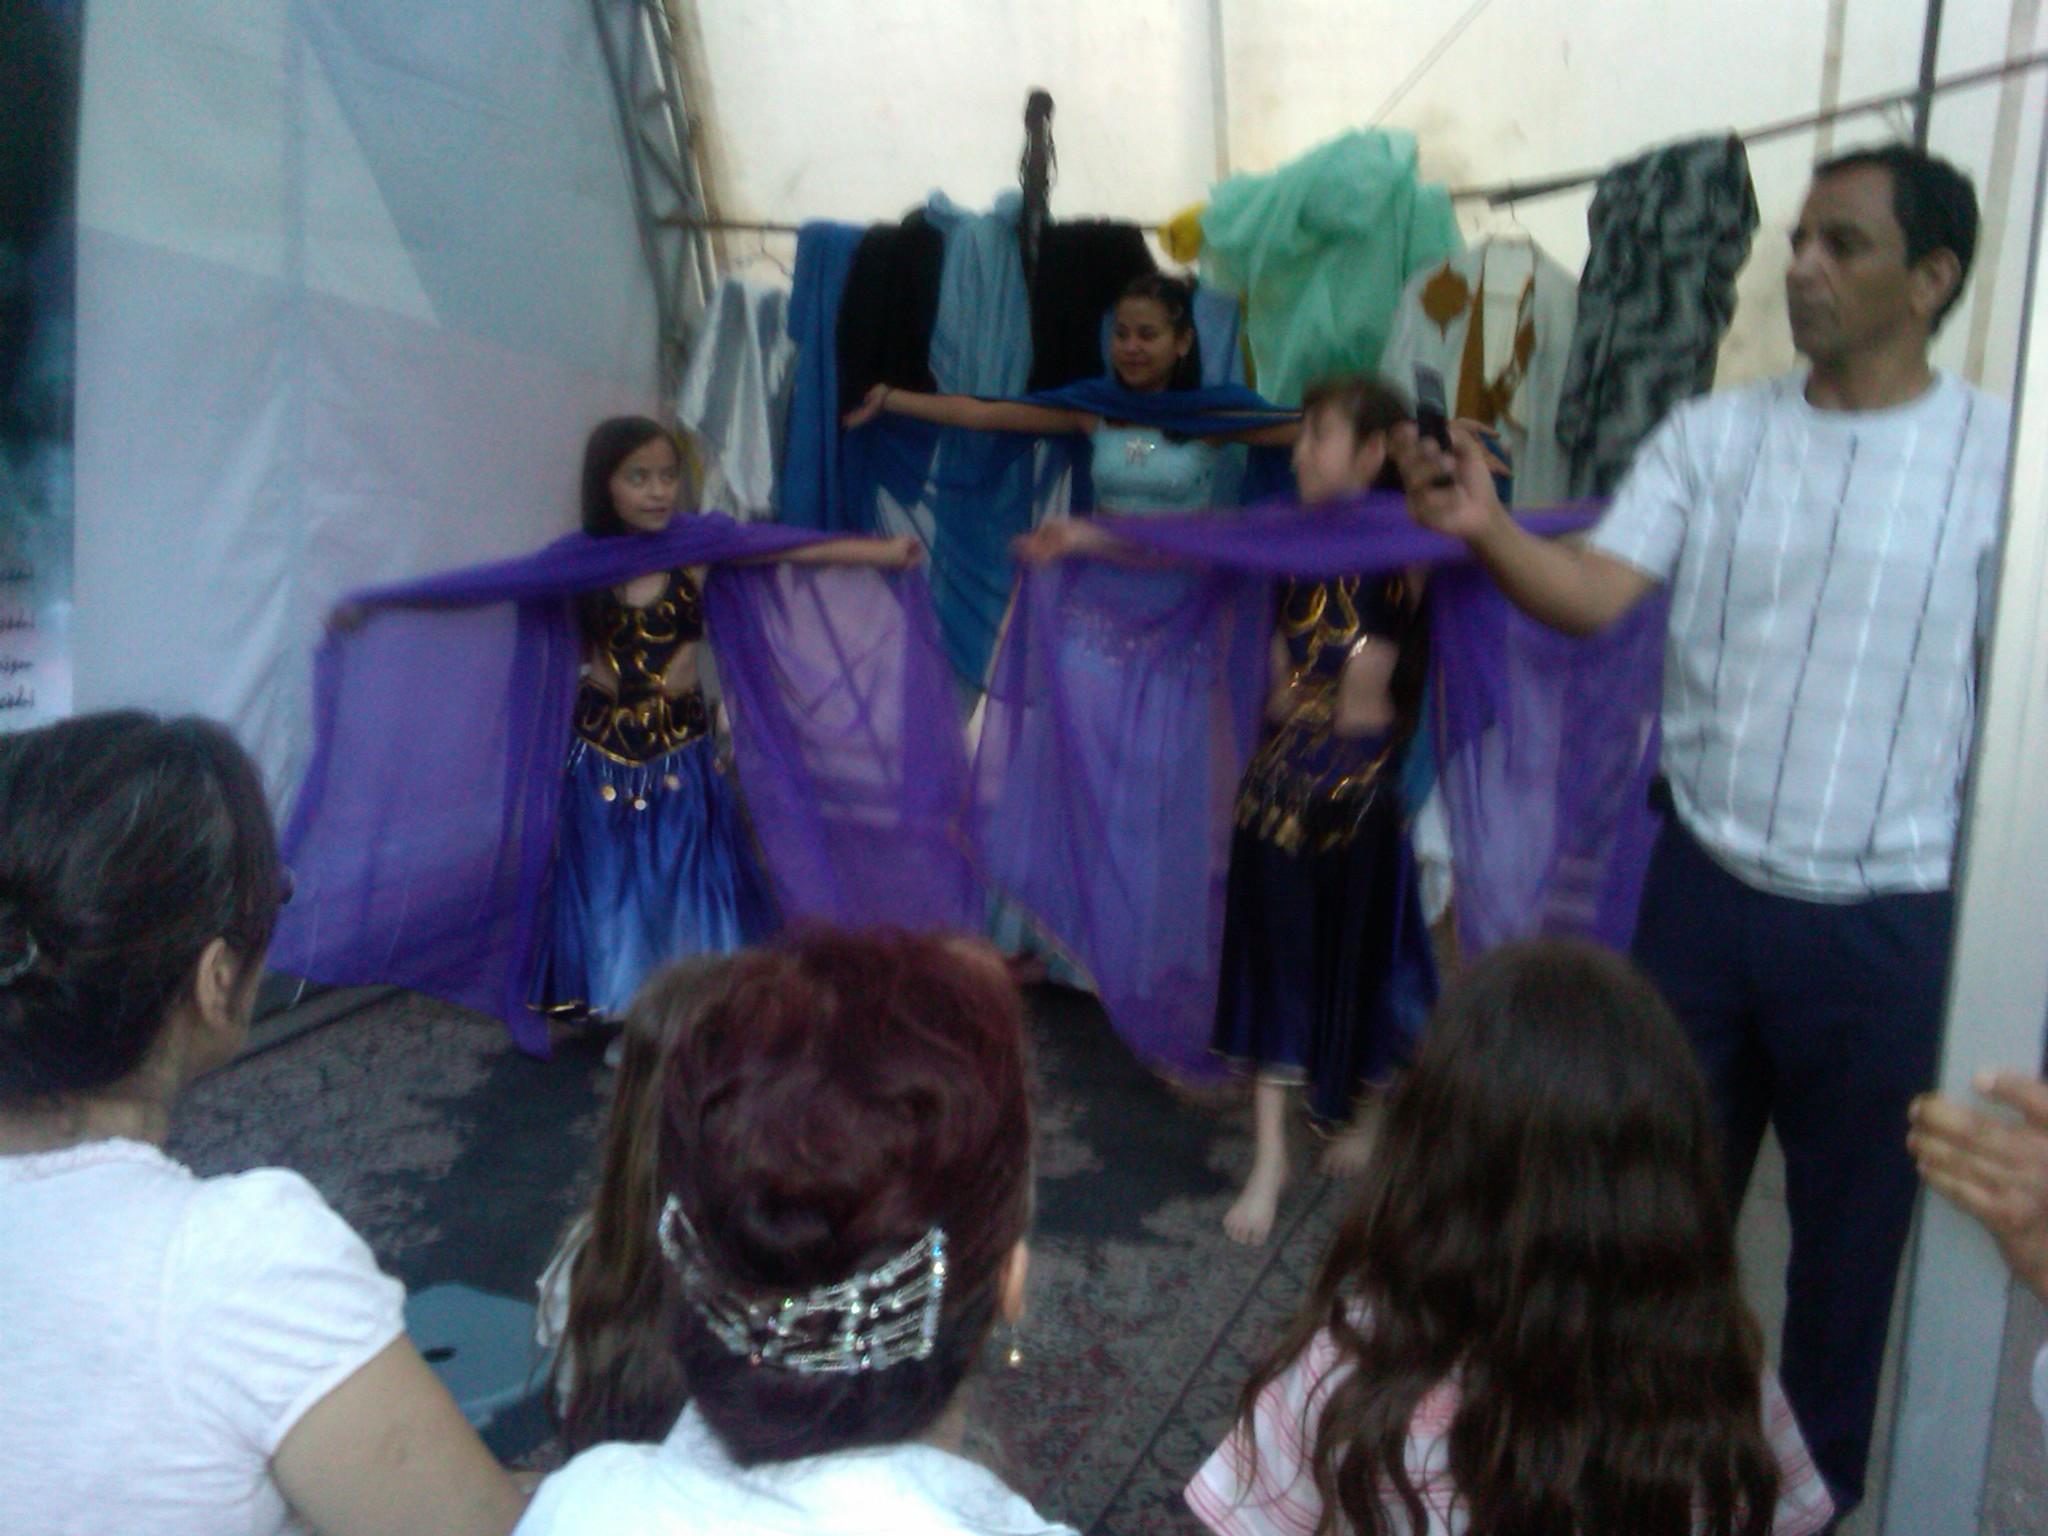 Educación_intercultural,_danza_árabe_en_Feria_de_las_Culturas_Amigas_1